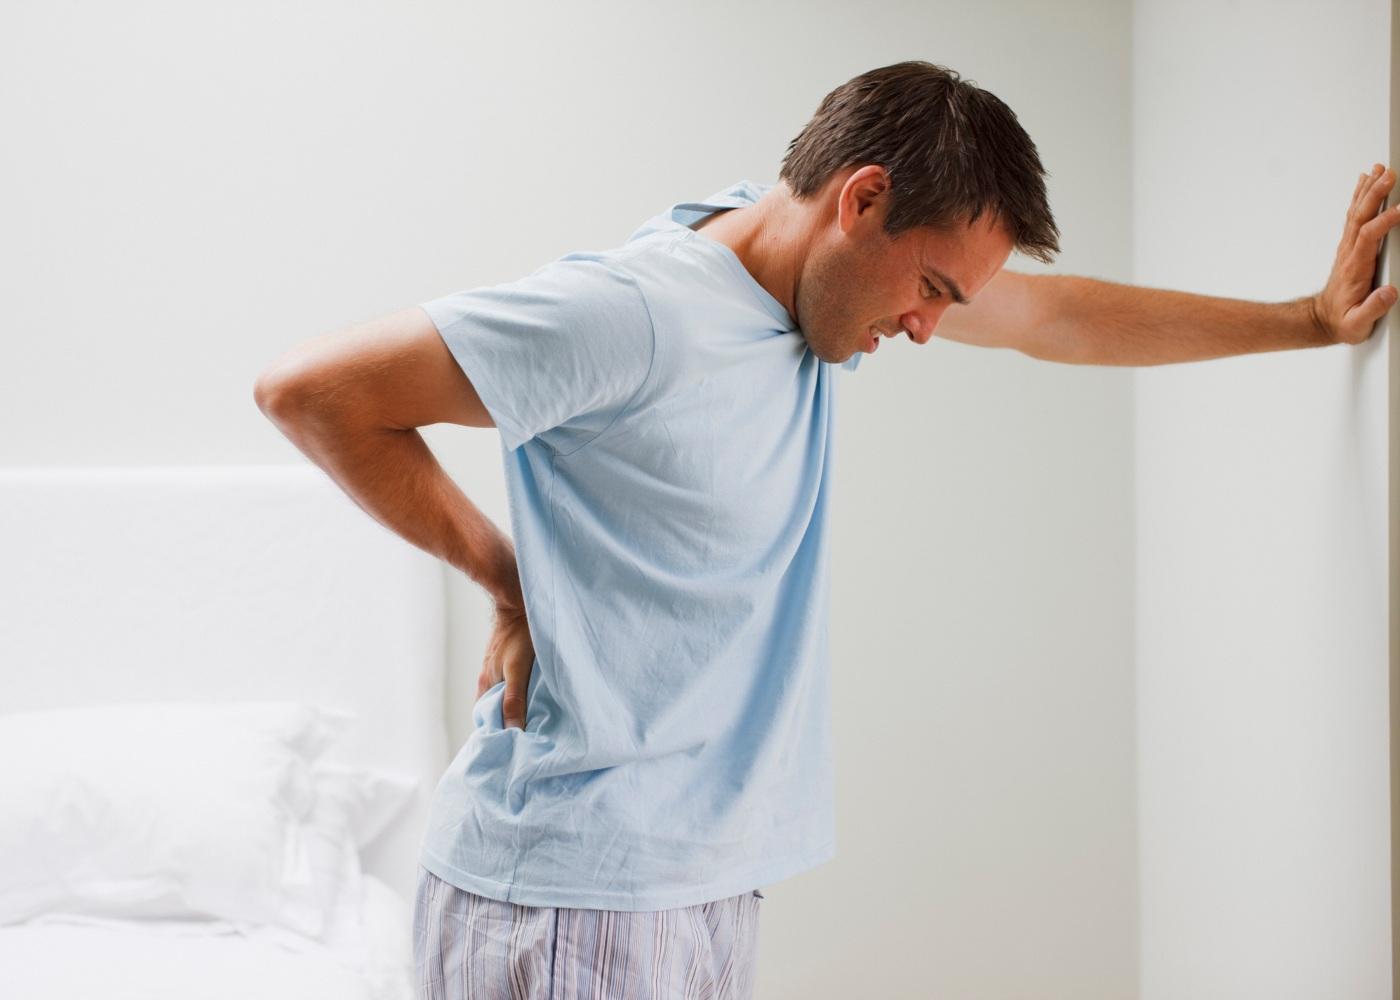 Homem com dor lombar